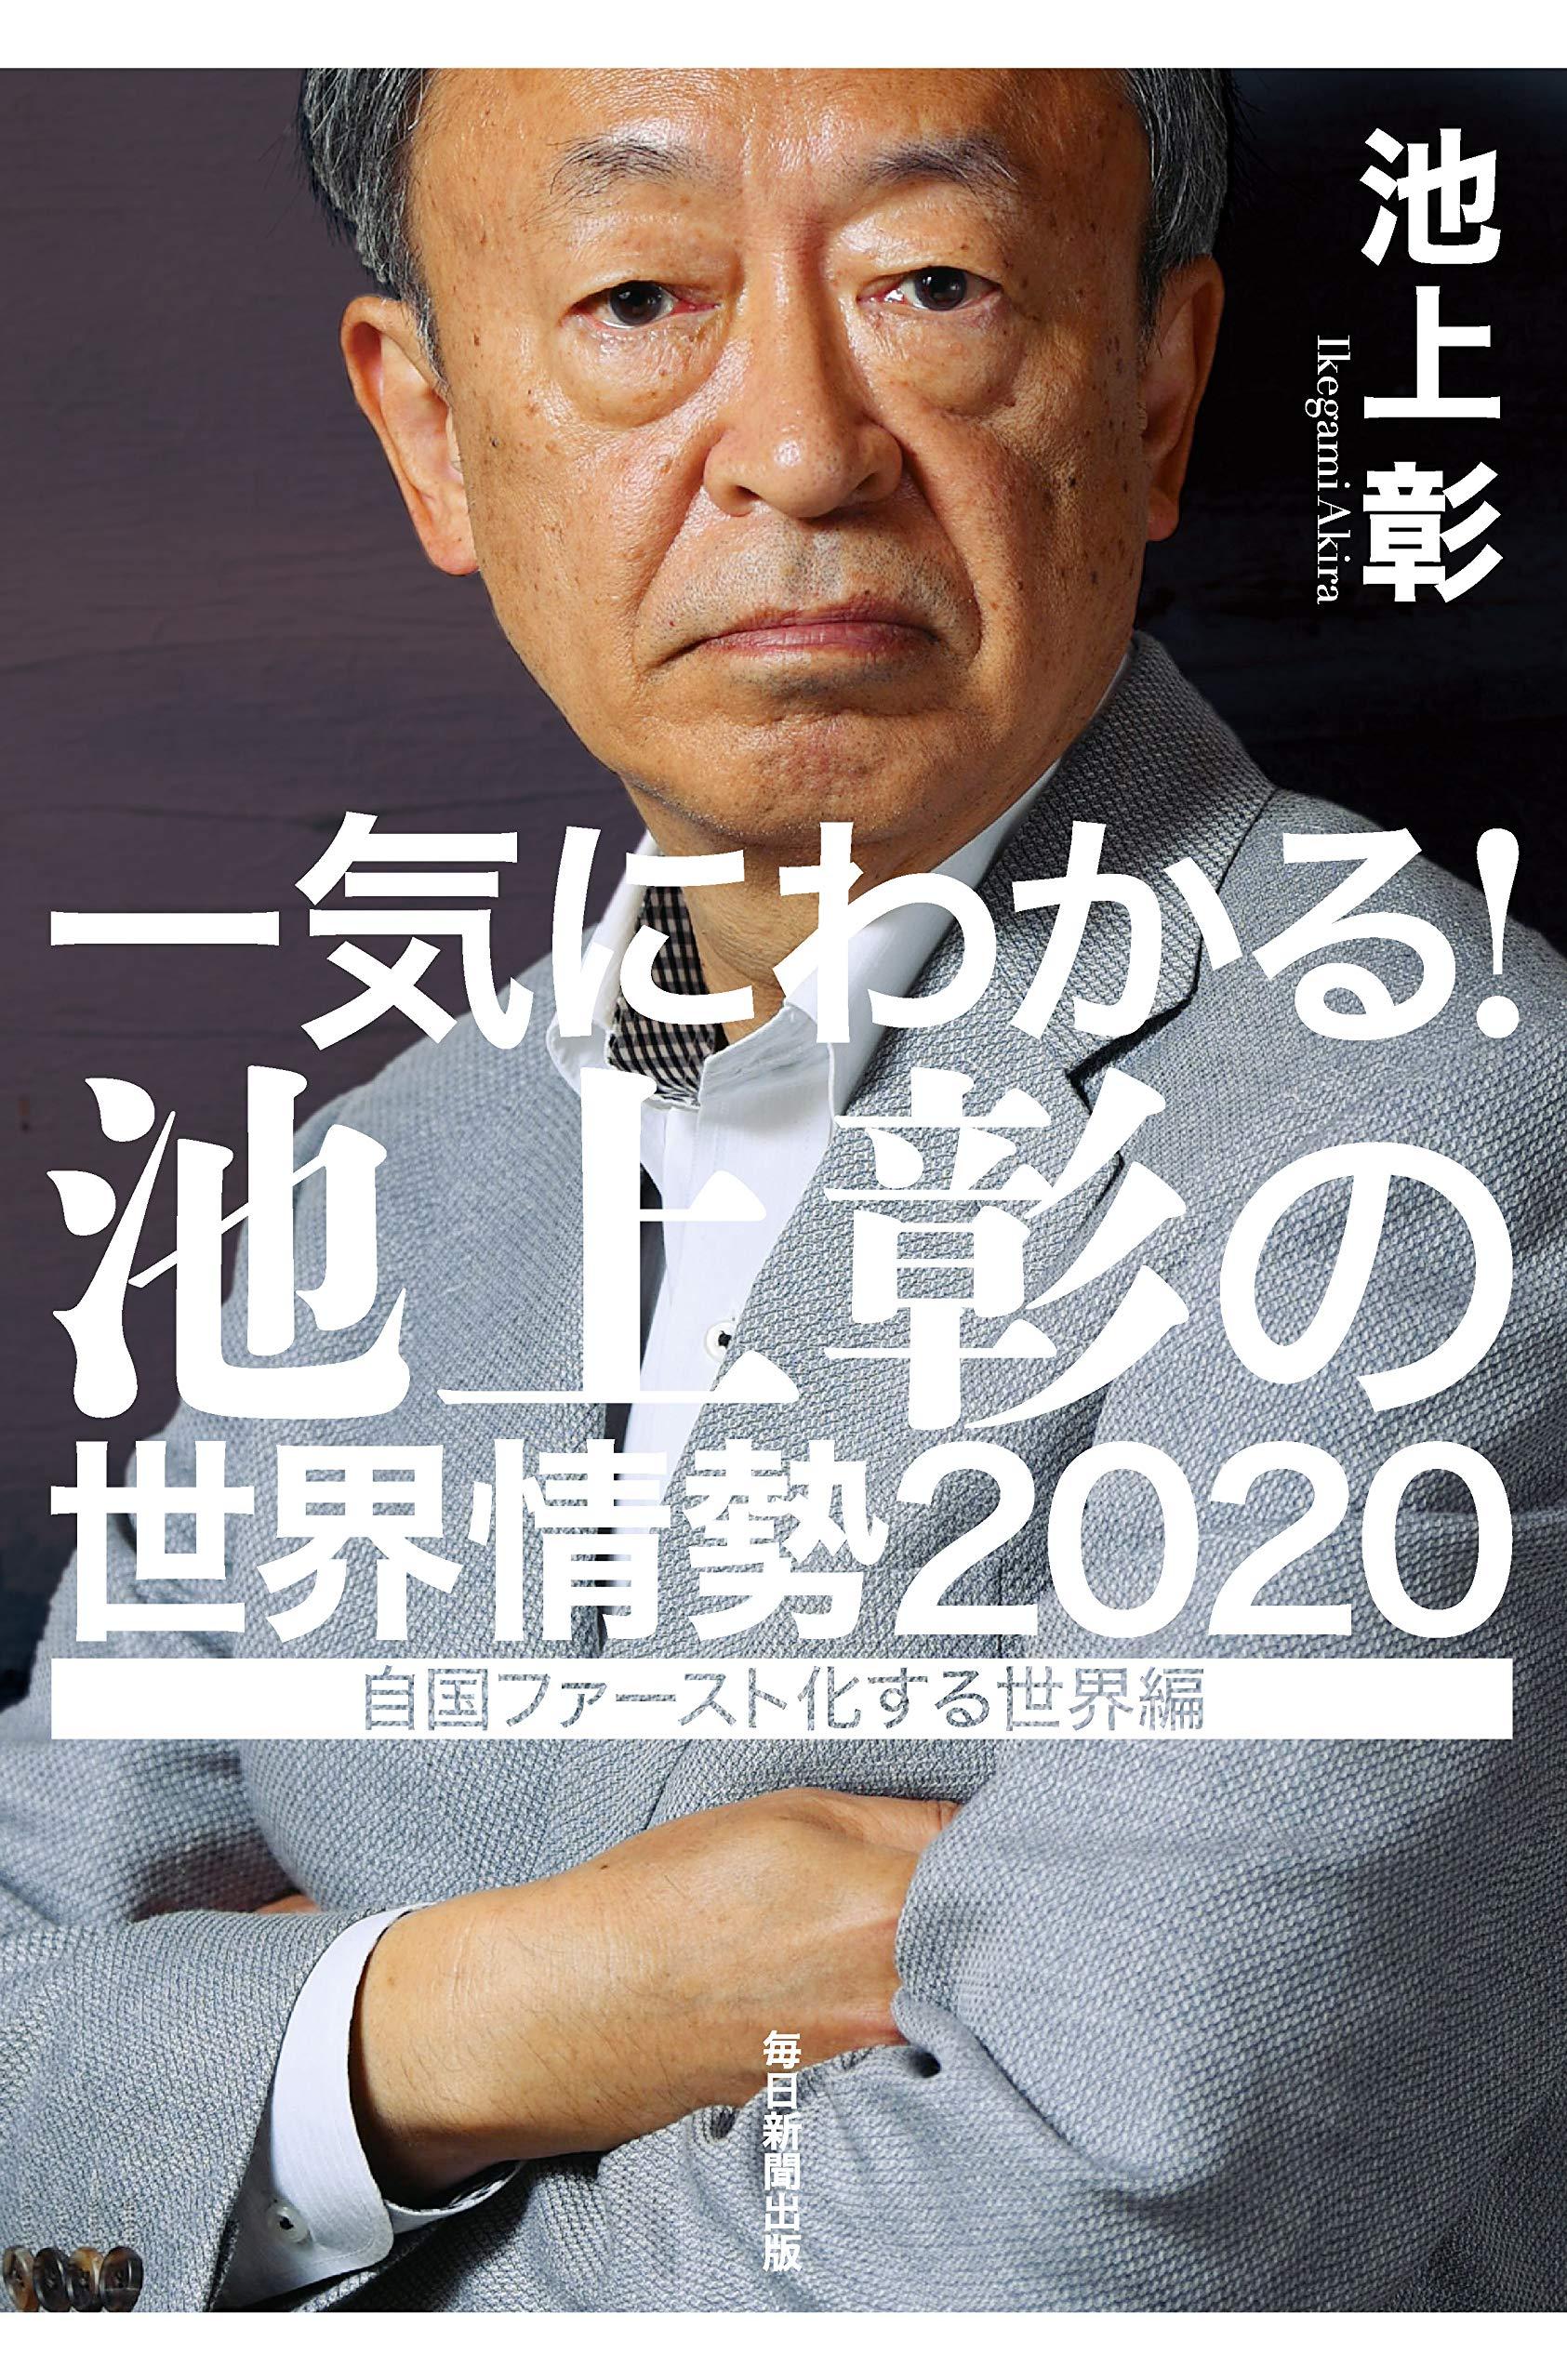 一気にわかる!池上彰の世界情勢2020 自国ファースト化する世界編